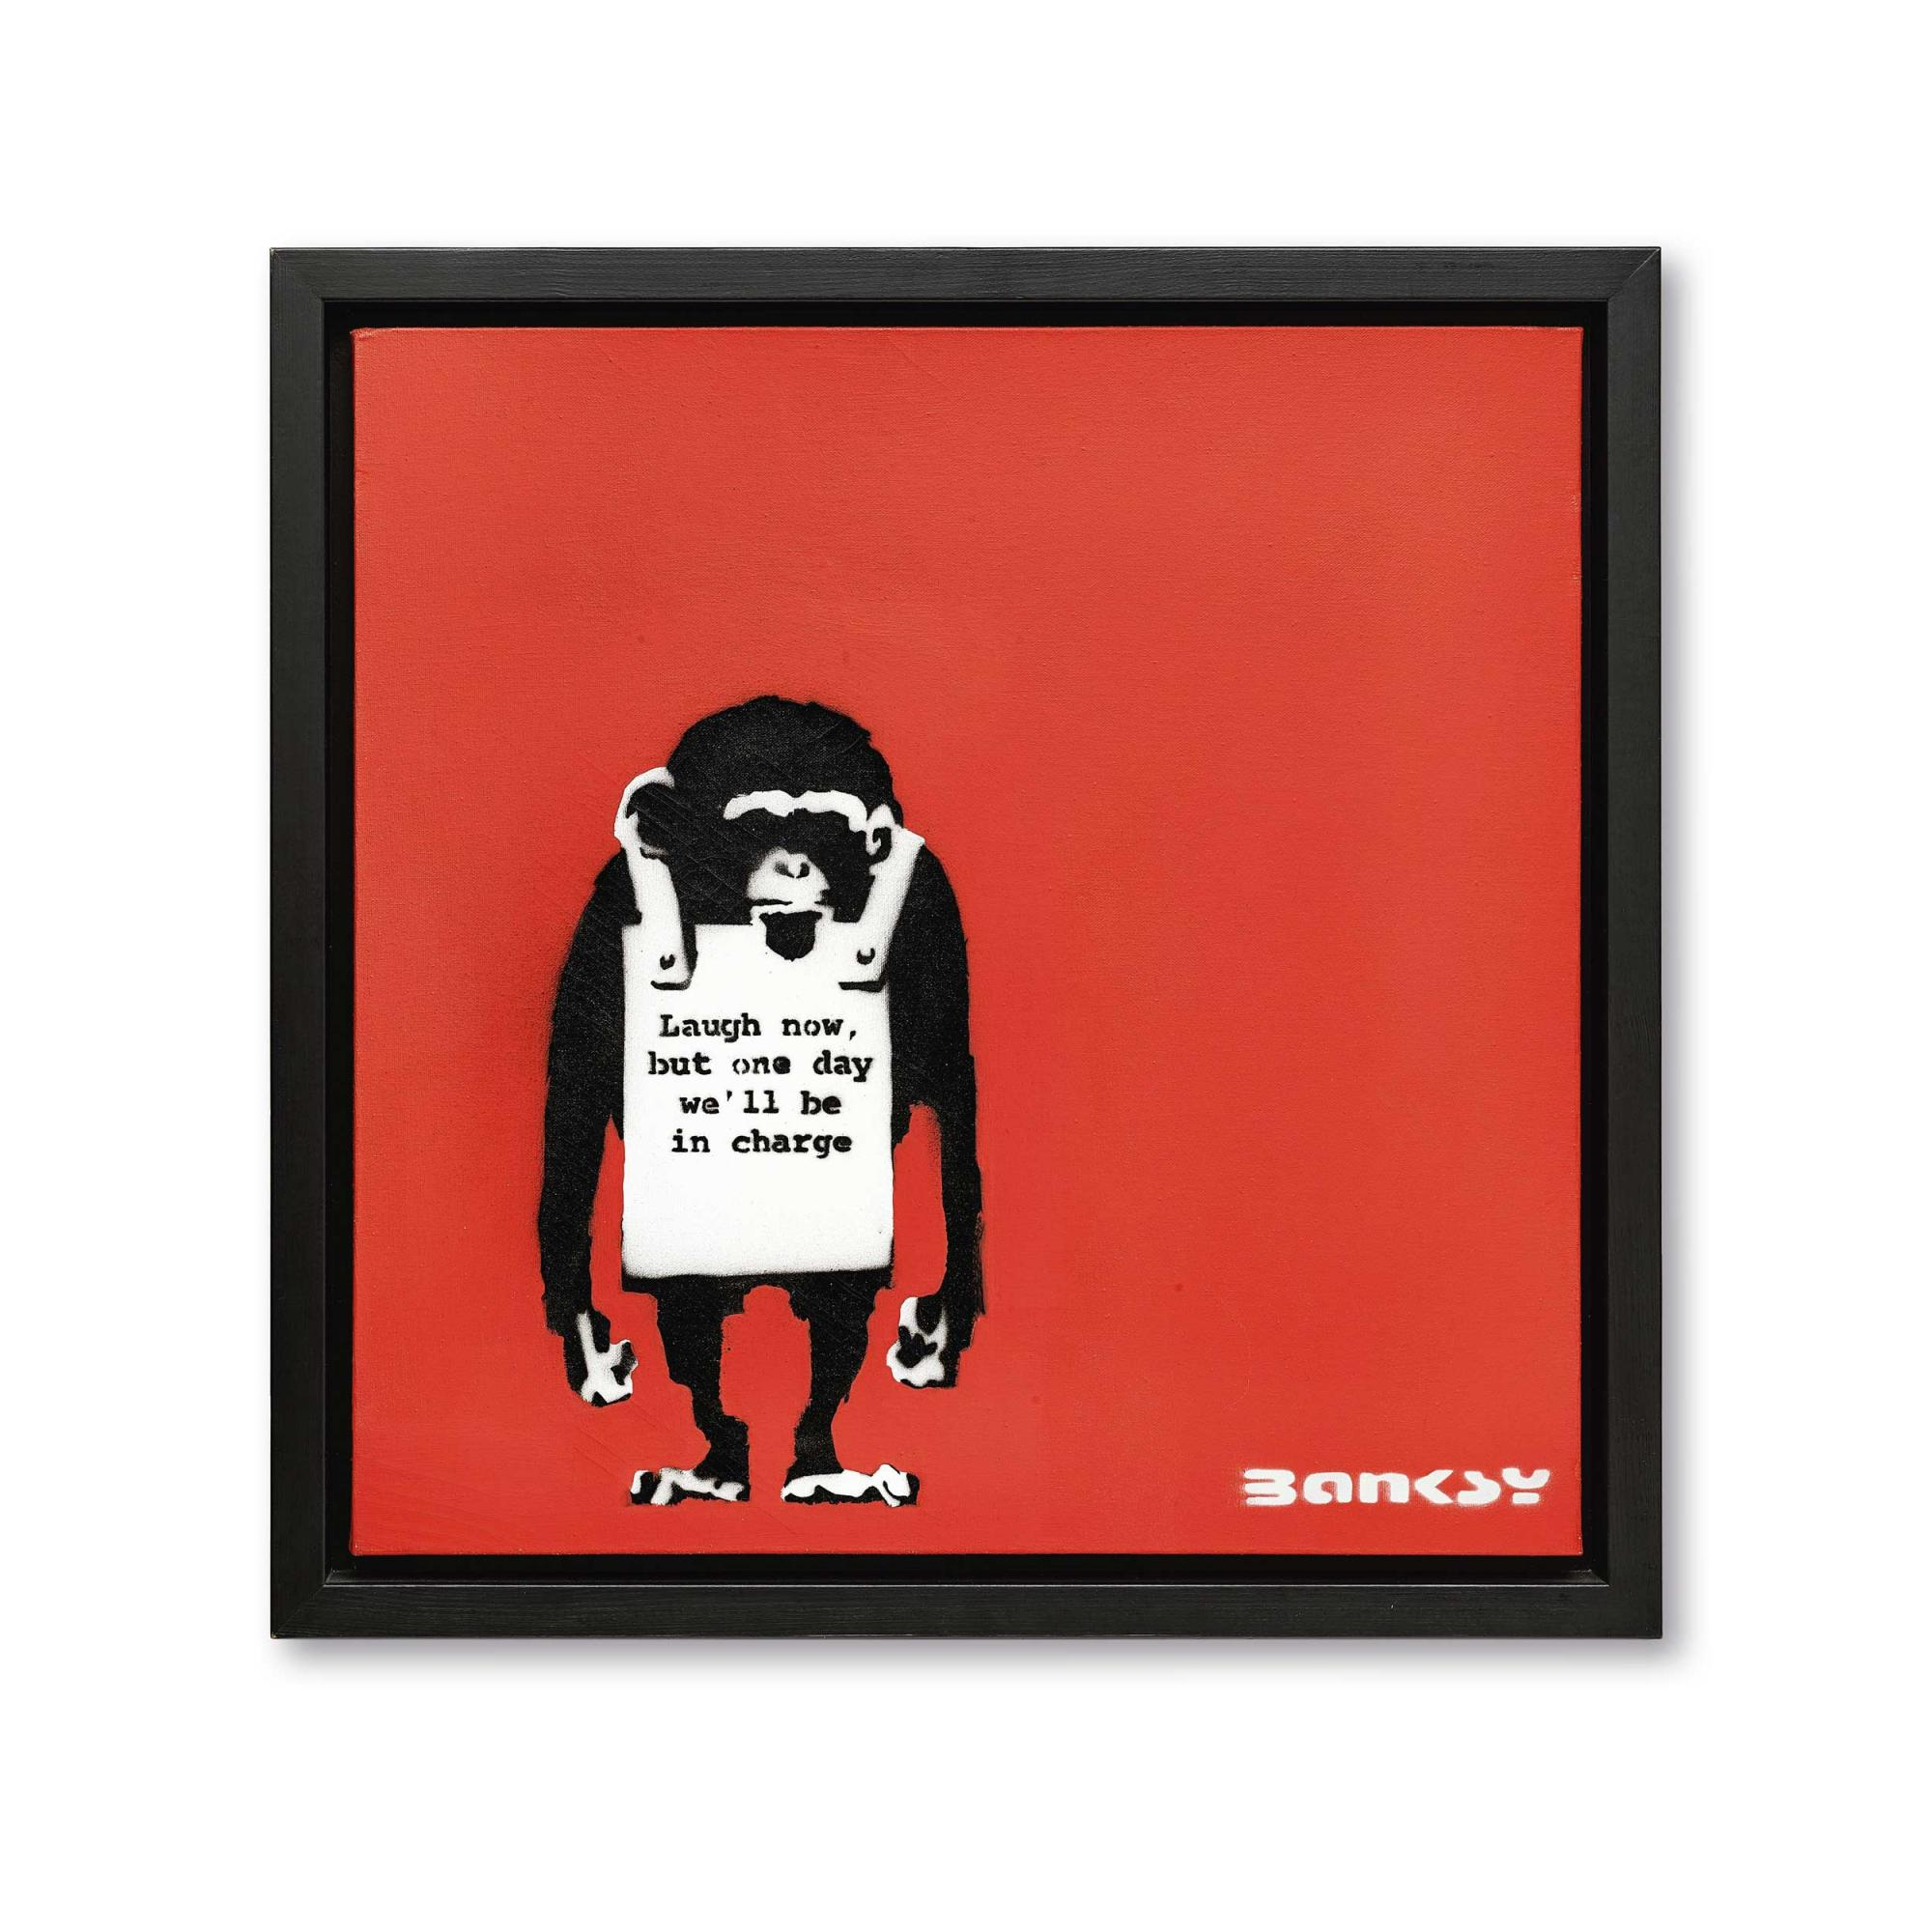 班克斯(Banksy) 《現在儘管笑吧,終有一天我們 將為主宰者》 2000年作,壓克力及模版噴塗畫布,61 x 61公分 估價:6,200,000 - 9,300,000港元